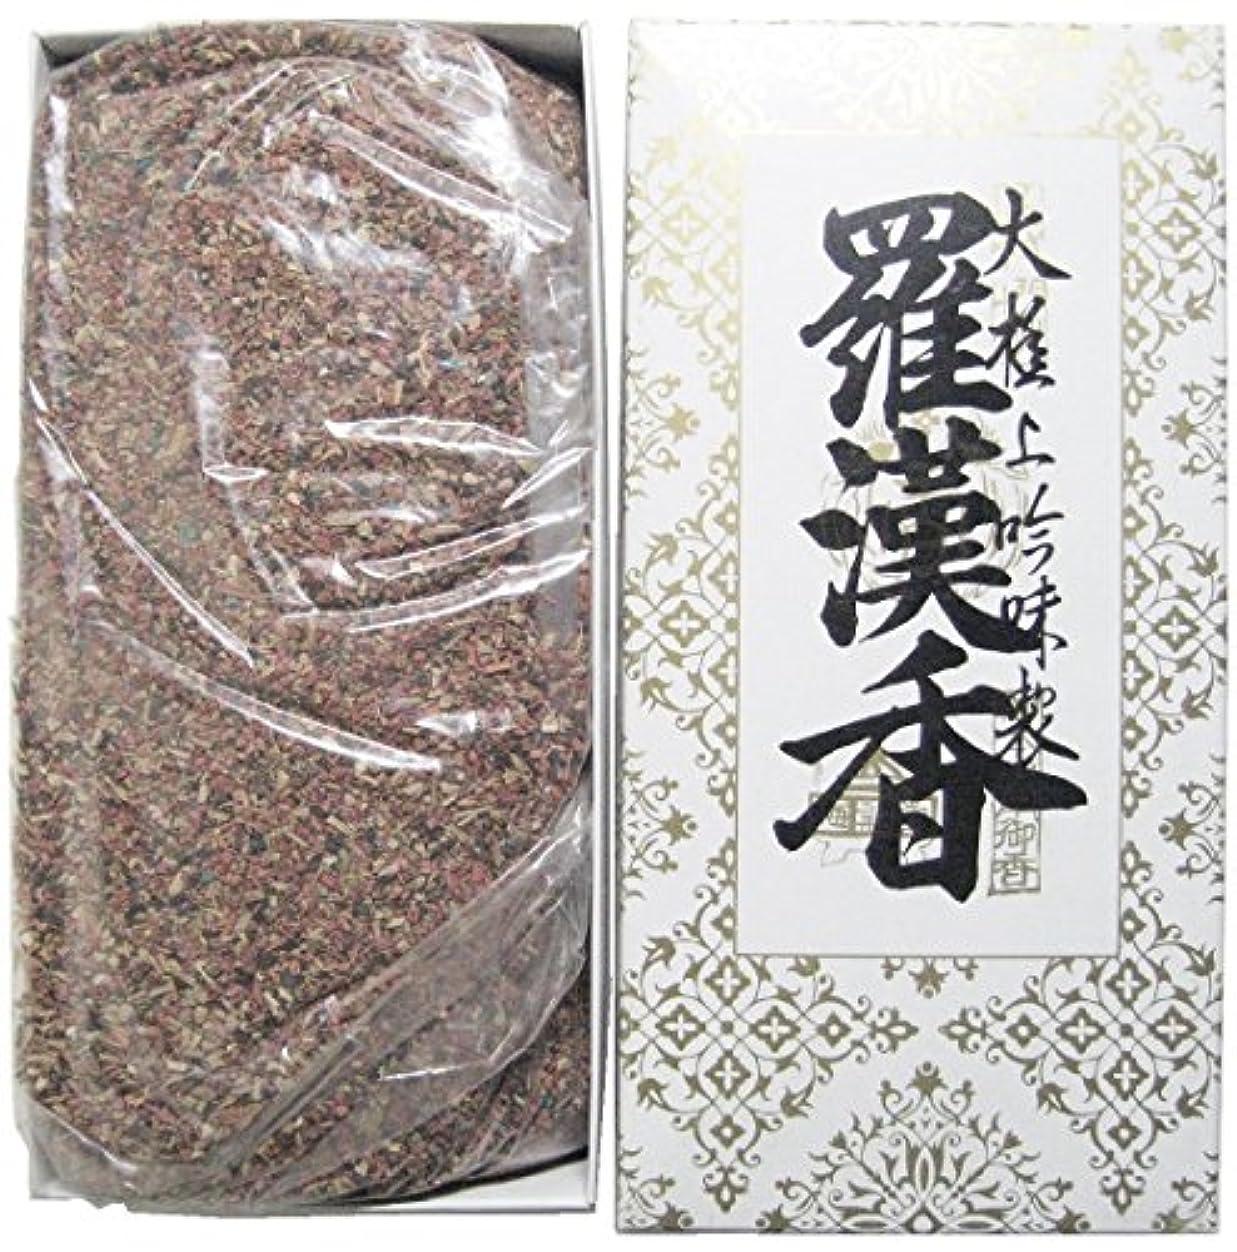 ペーストせせらぎテキスト淡路梅薫堂のお香 羅漢香 500g #905